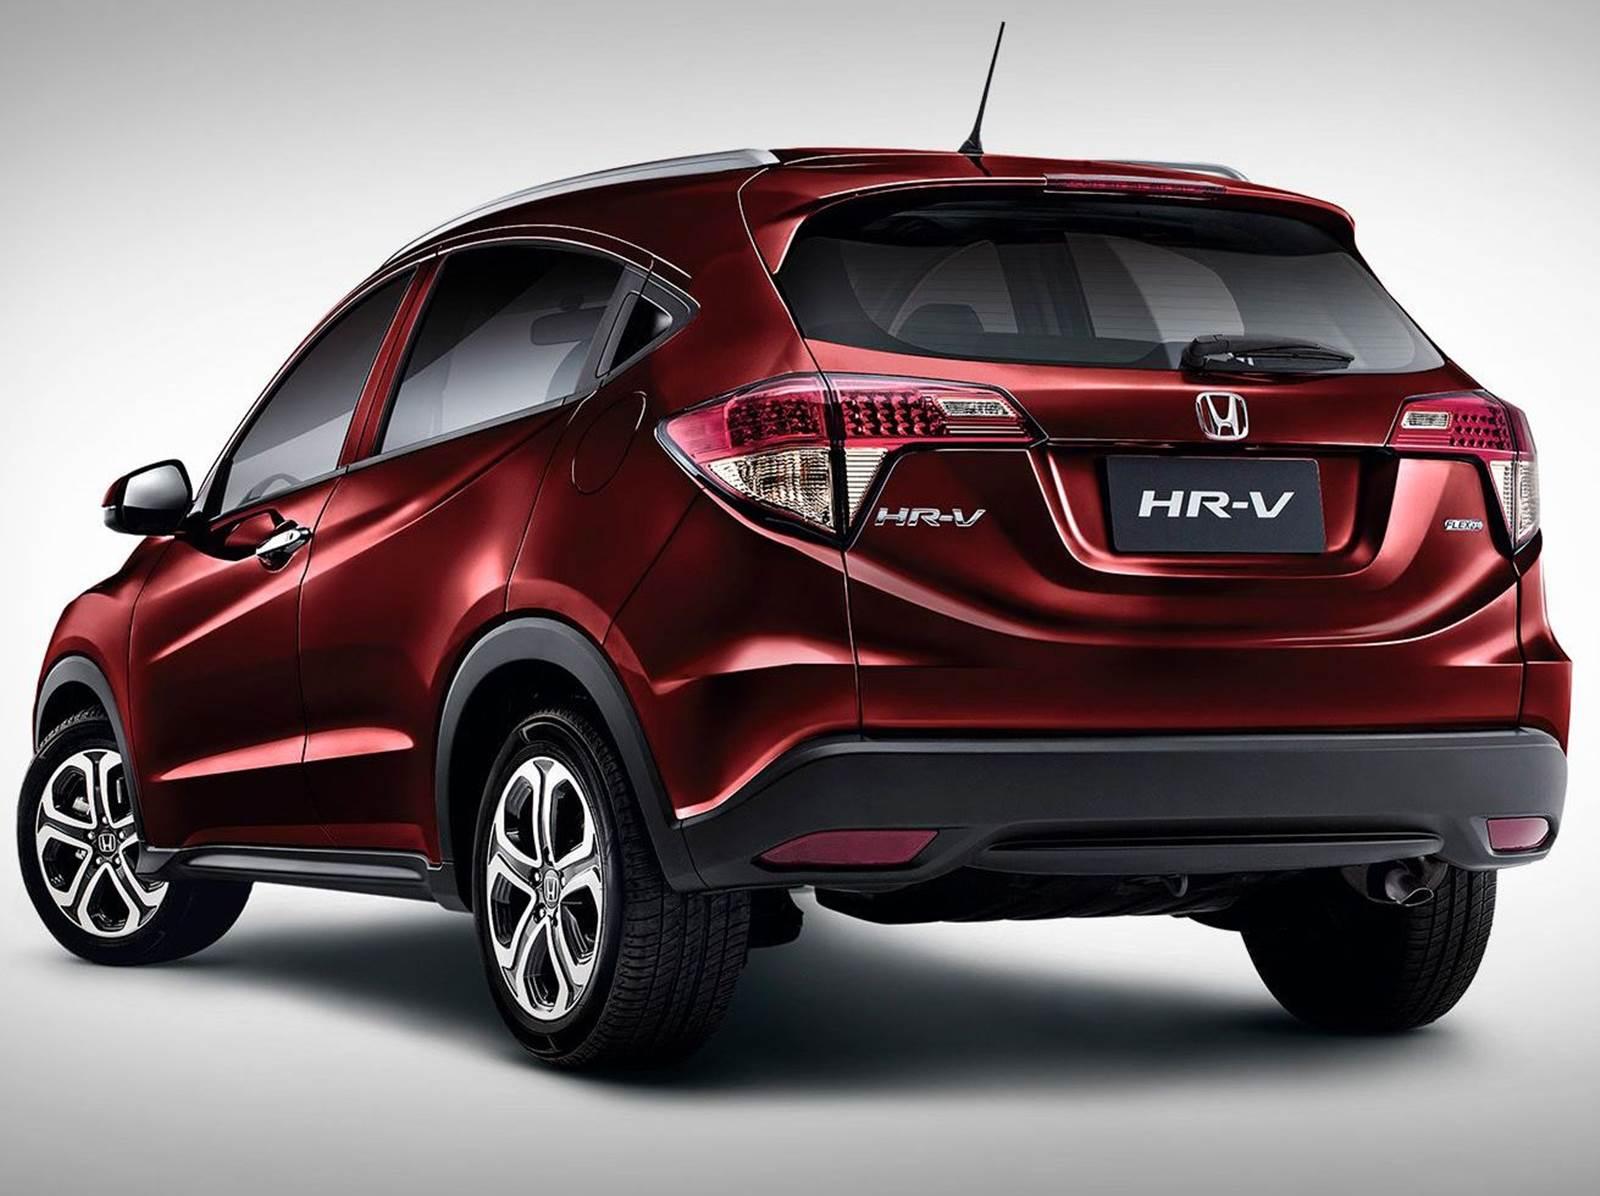 Novo Honda HR-V: configurador on-line já disponível | CAR ...